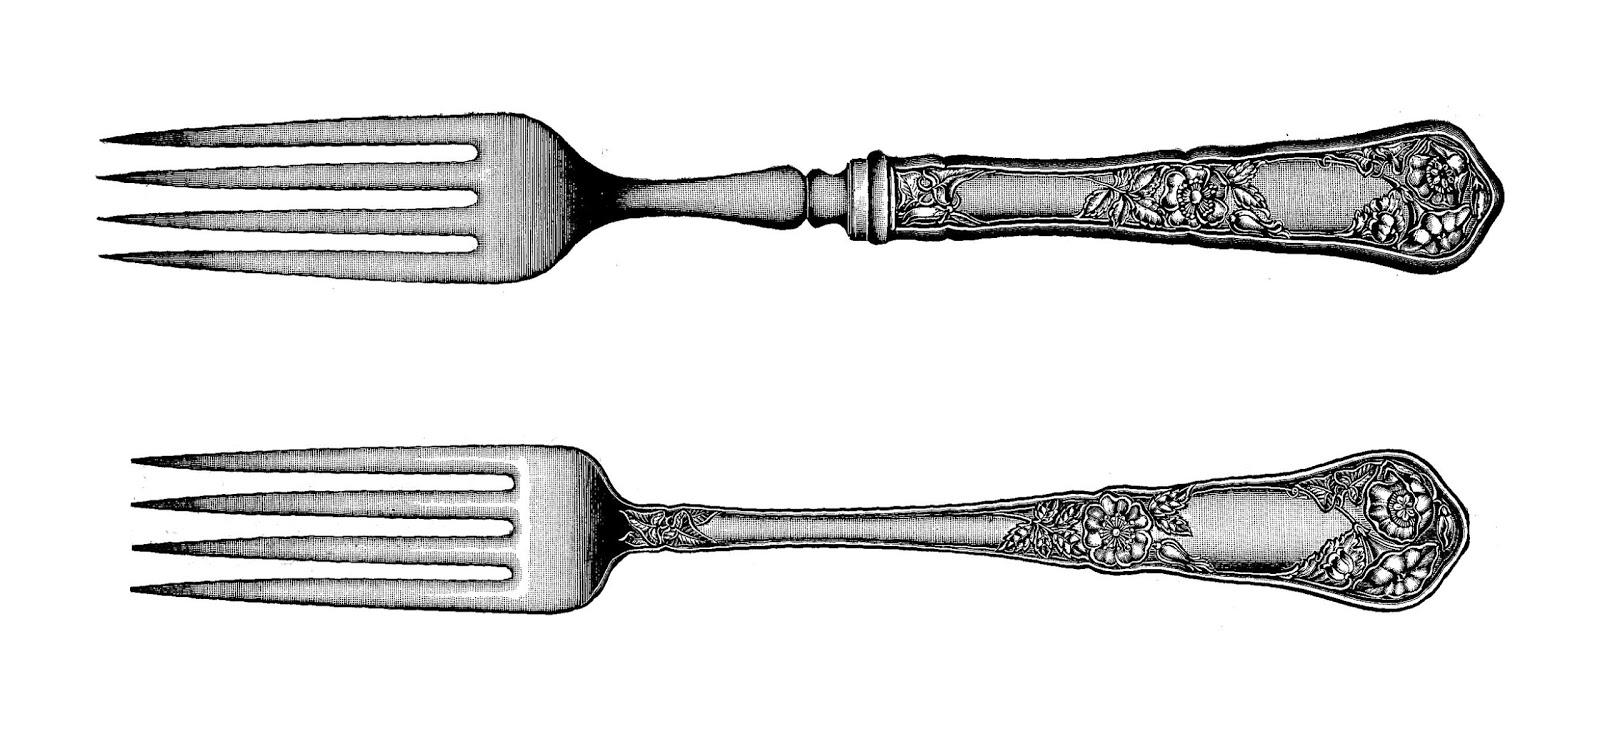 Vintage fork clipart kid.